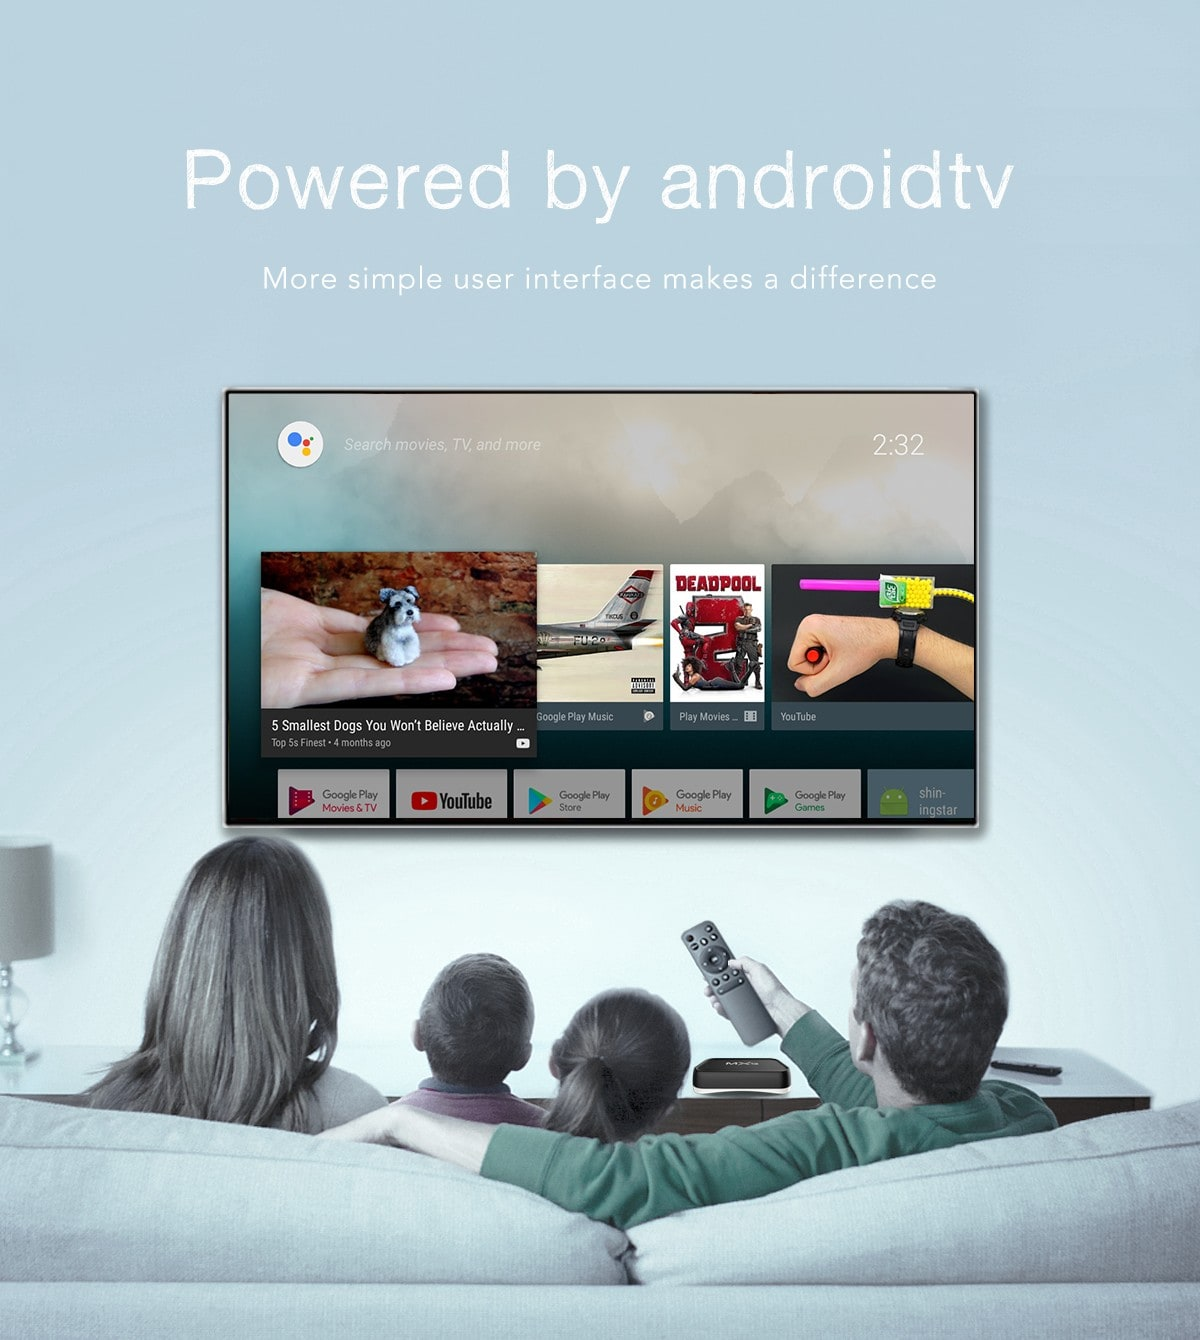 MXQ S10X intelligens TV doboz Voice Remote Amlogic S905X / Android 7.1 / 2.4GHz + 5 GHz WiFi / Bluetooth 4.0 / VP9 / 10 / H.265 / Támogatás 4K 30fps - Fekete 2 GB RAM + 16 GB ROM EU-csatlakozó